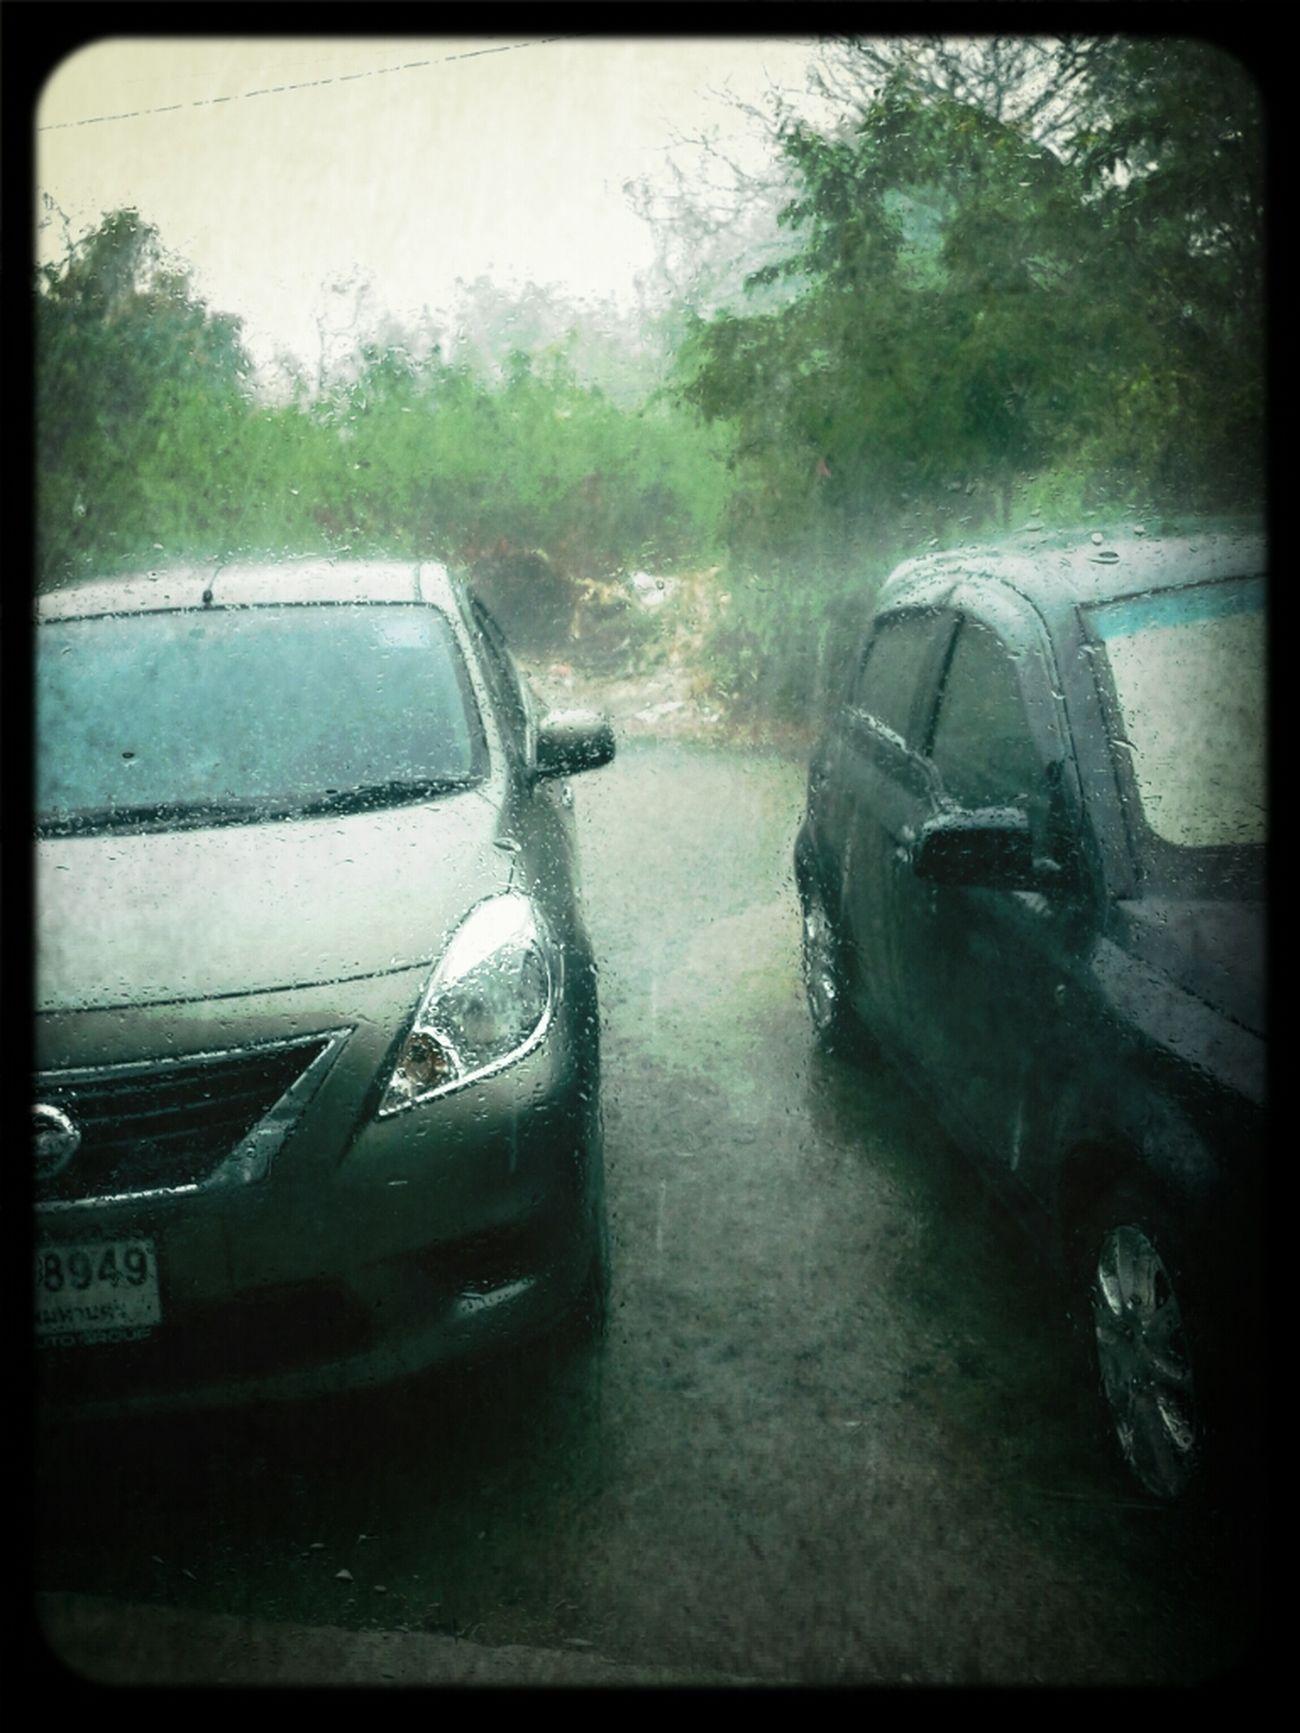 ฝนหลงฤดู..น้ำท่วมเลย